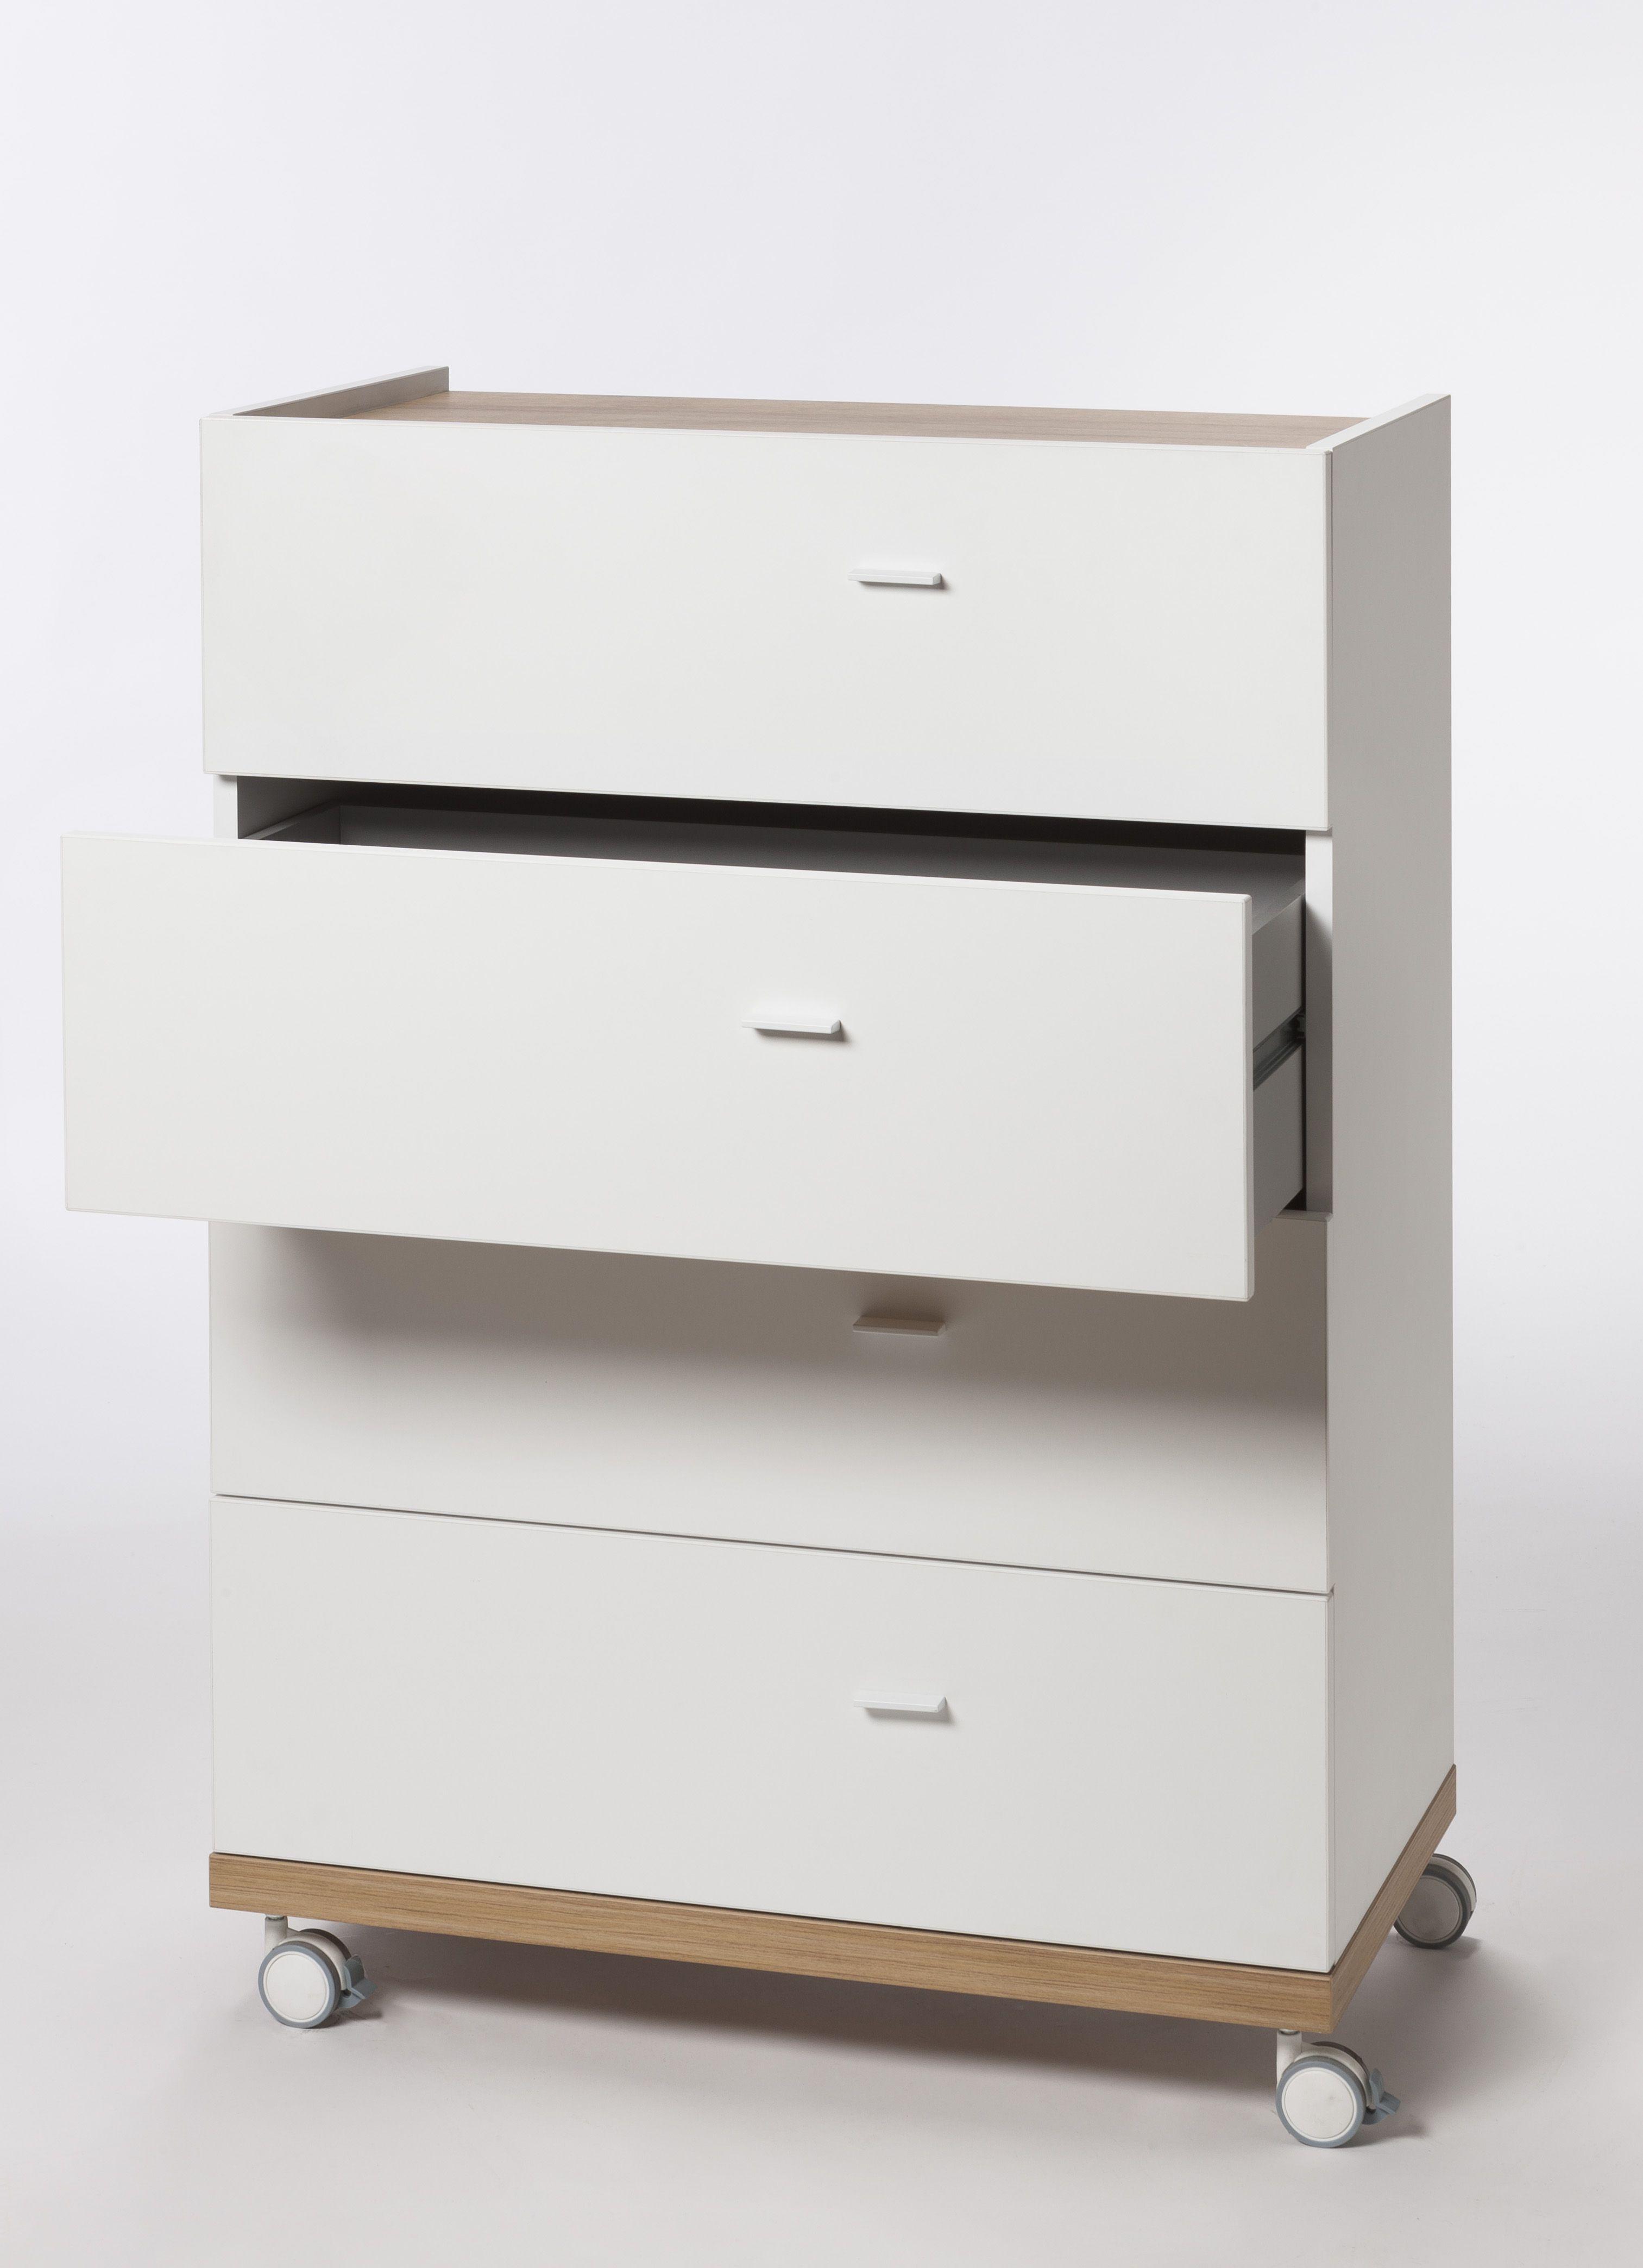 Scrivania Angolo 376 Con Cassettiera High Quality Materials Desks & Tables Furniture